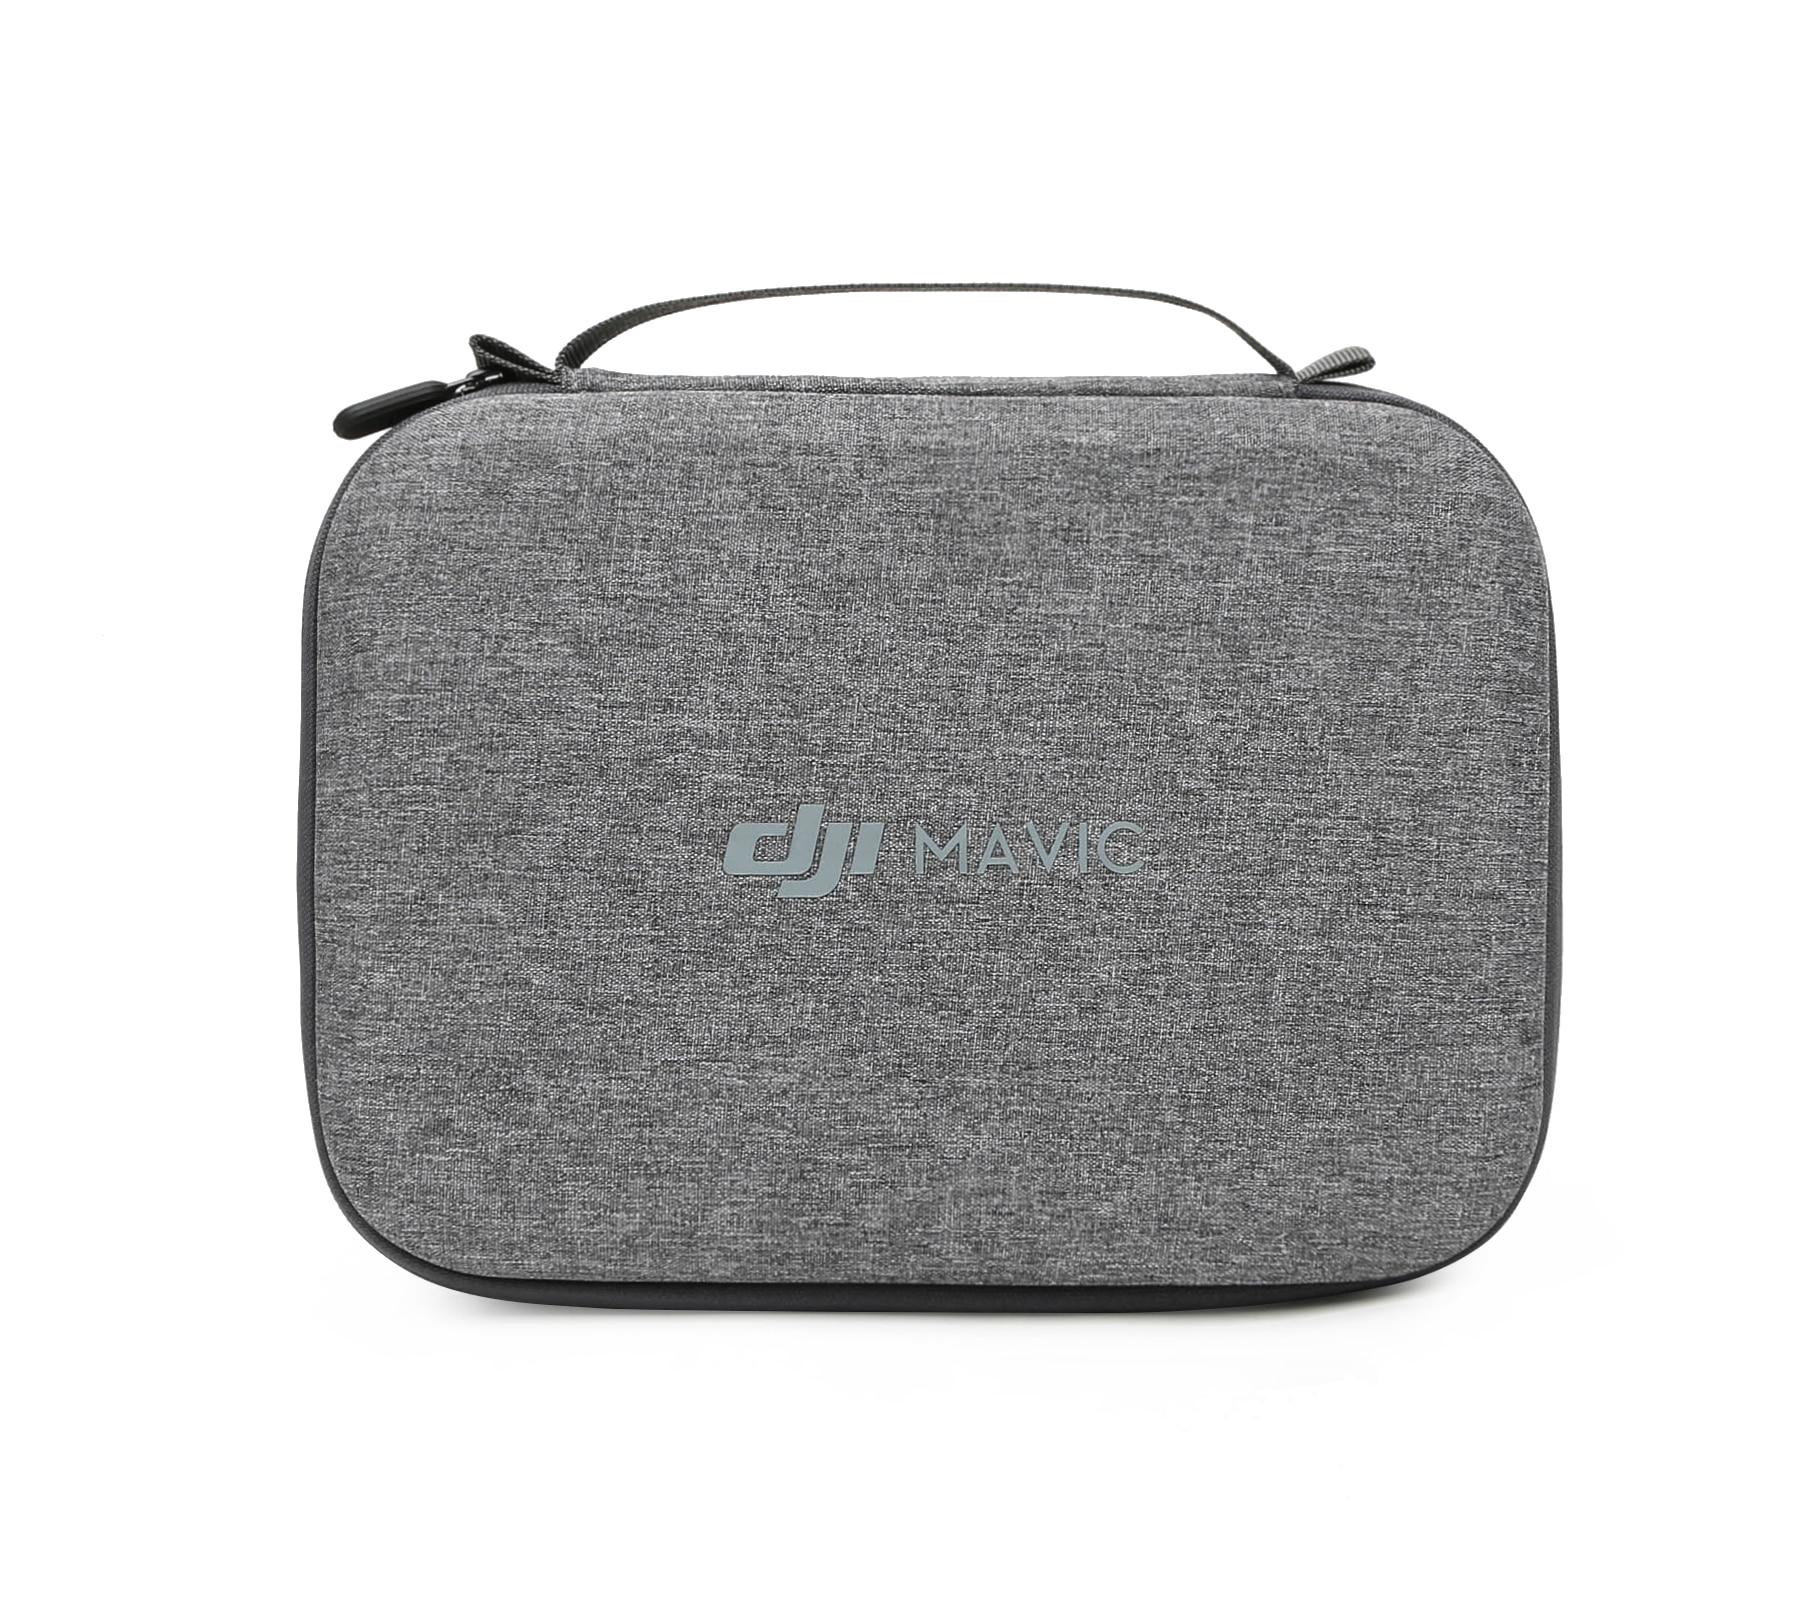 Mavic mini bolsa de armazenamento caso de transporte para dji mavic mini pacote portátil caixa zangão acessórios não-original